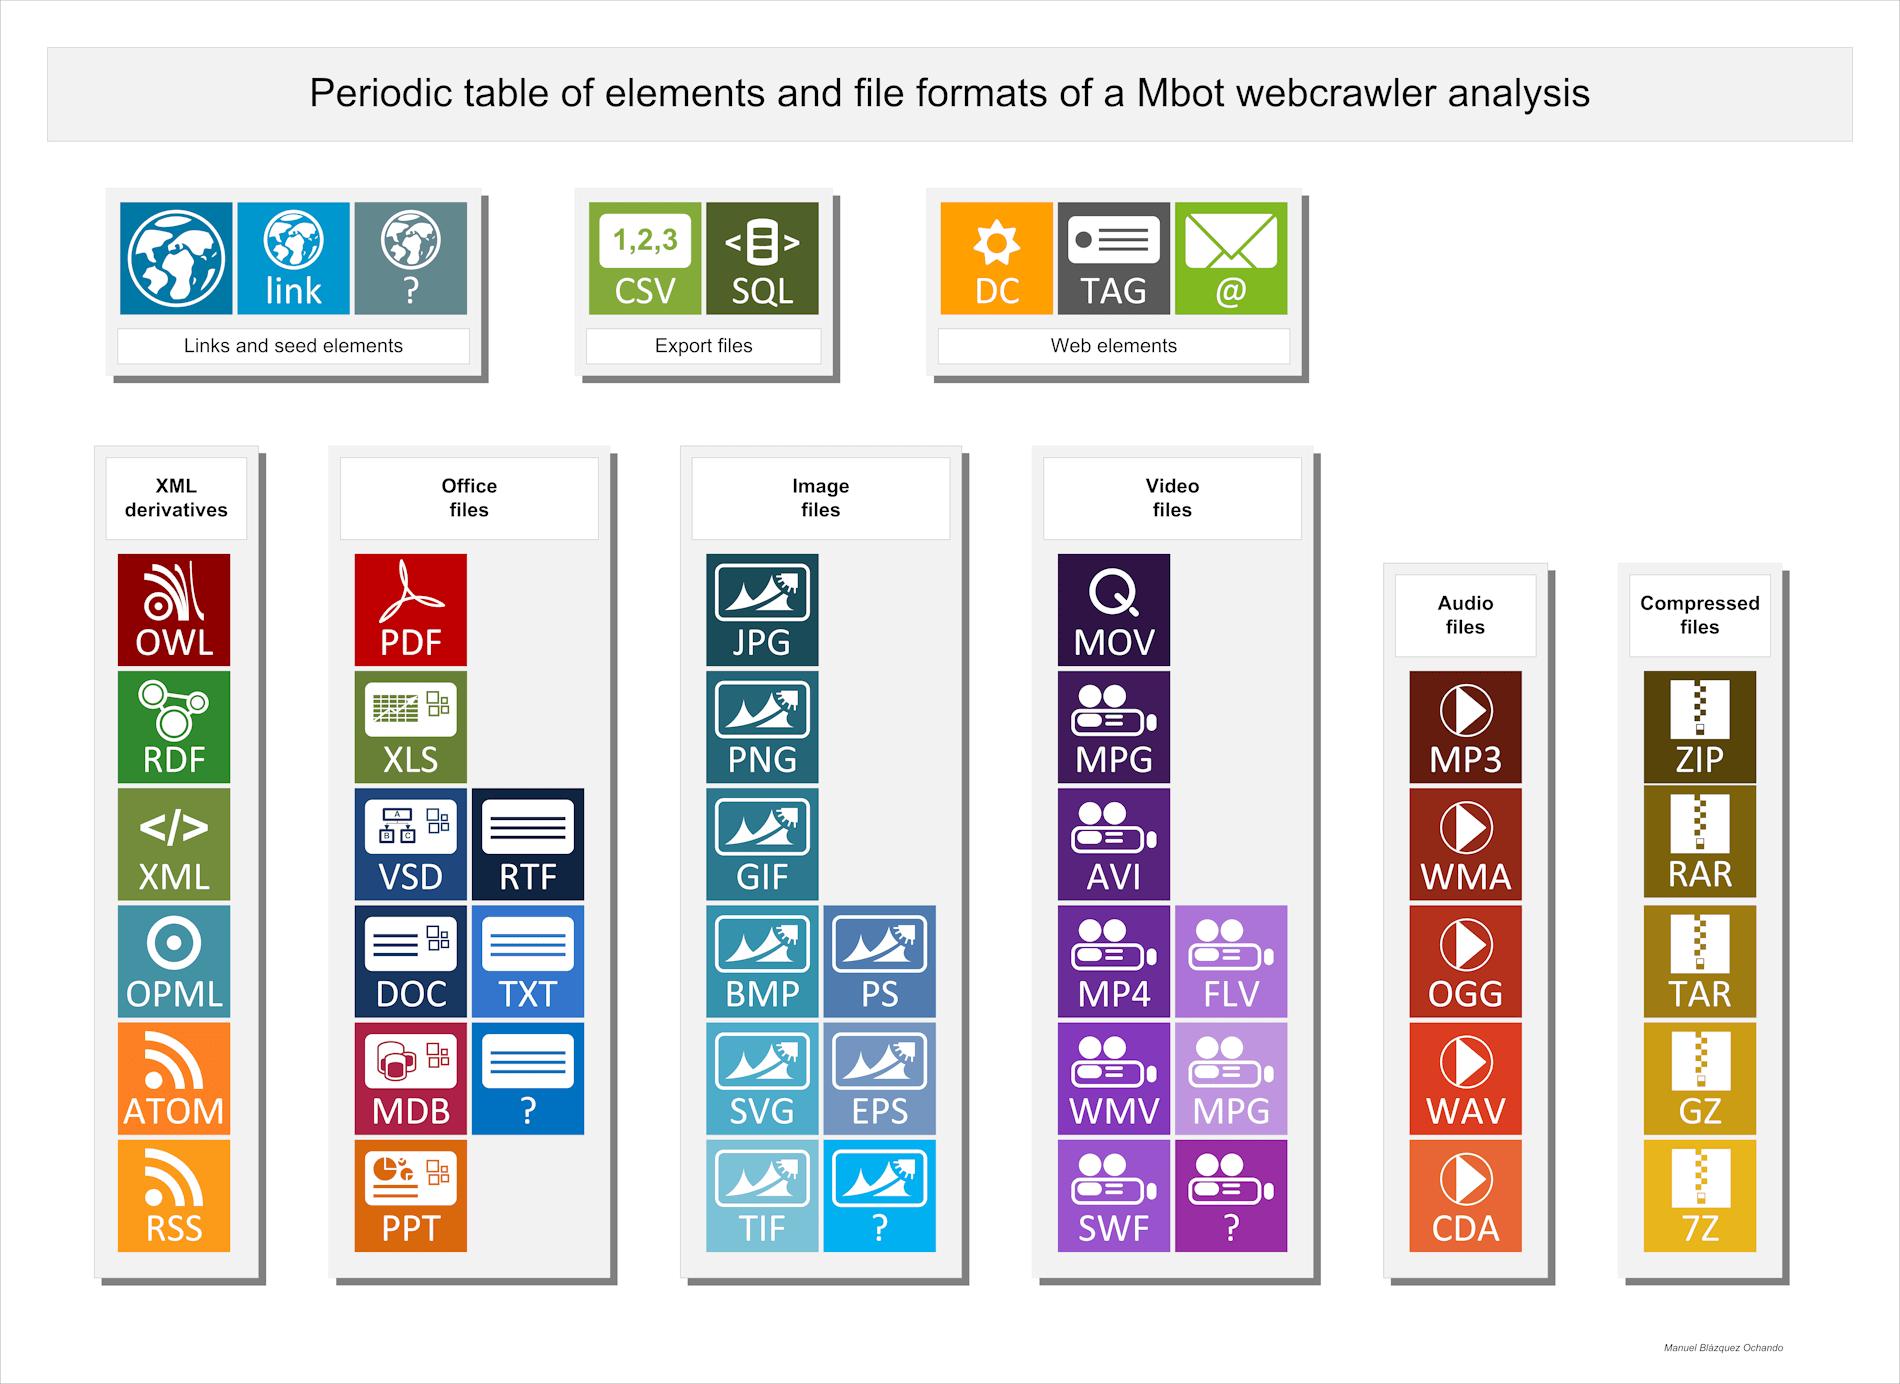 Tabla periódica de elementos y formatos de archivo que Mbot analiza